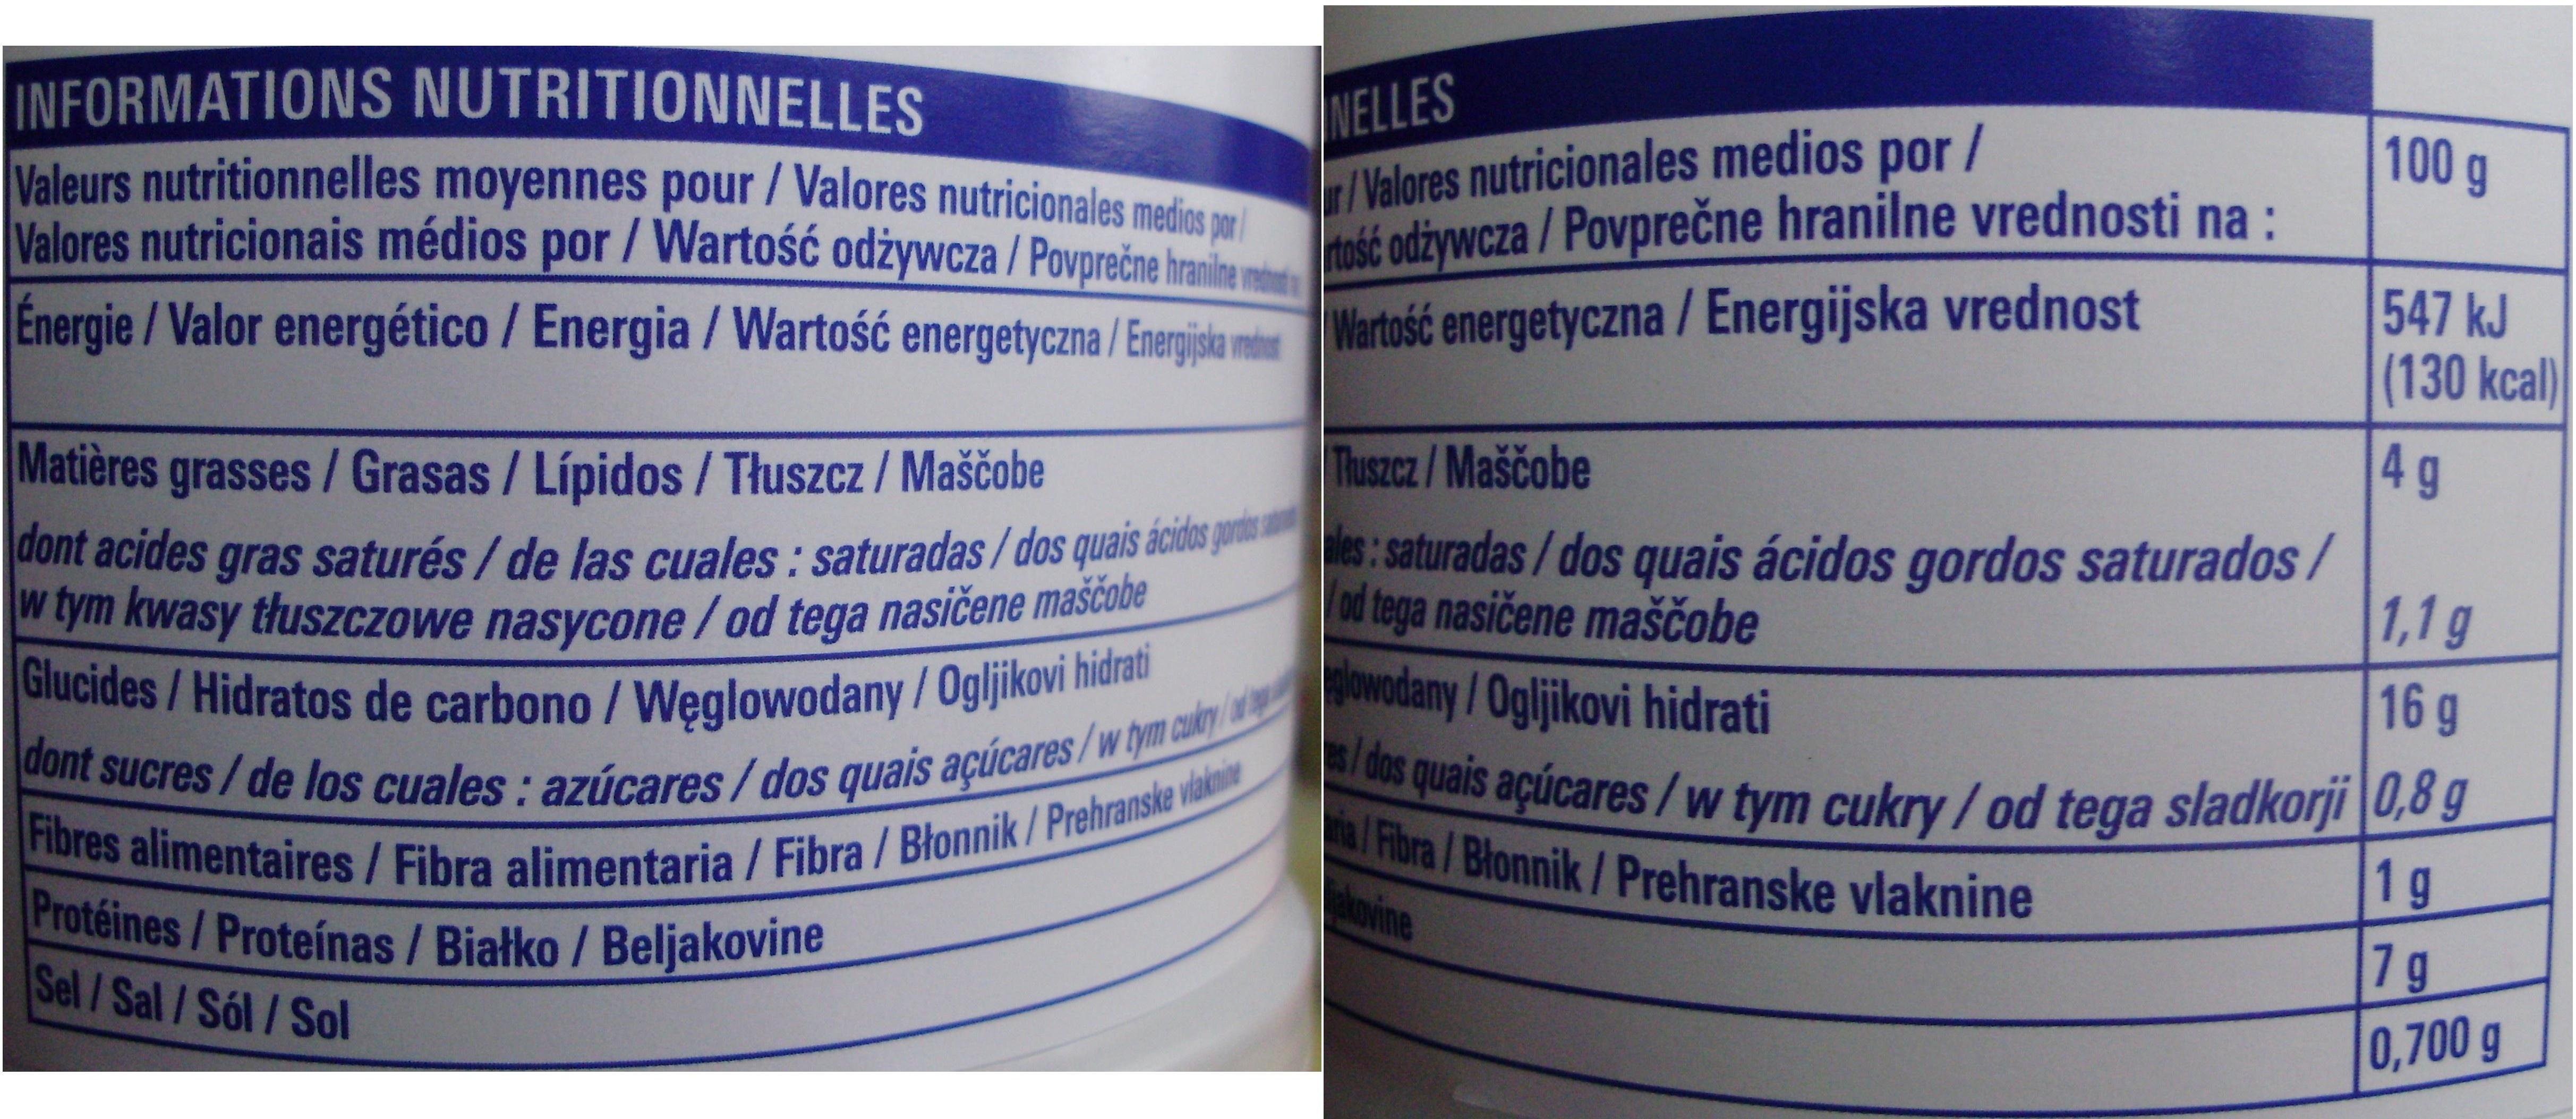 Paëlla (Volaille et Fruits de mer) ECO+ - Nährwertangaben - fr